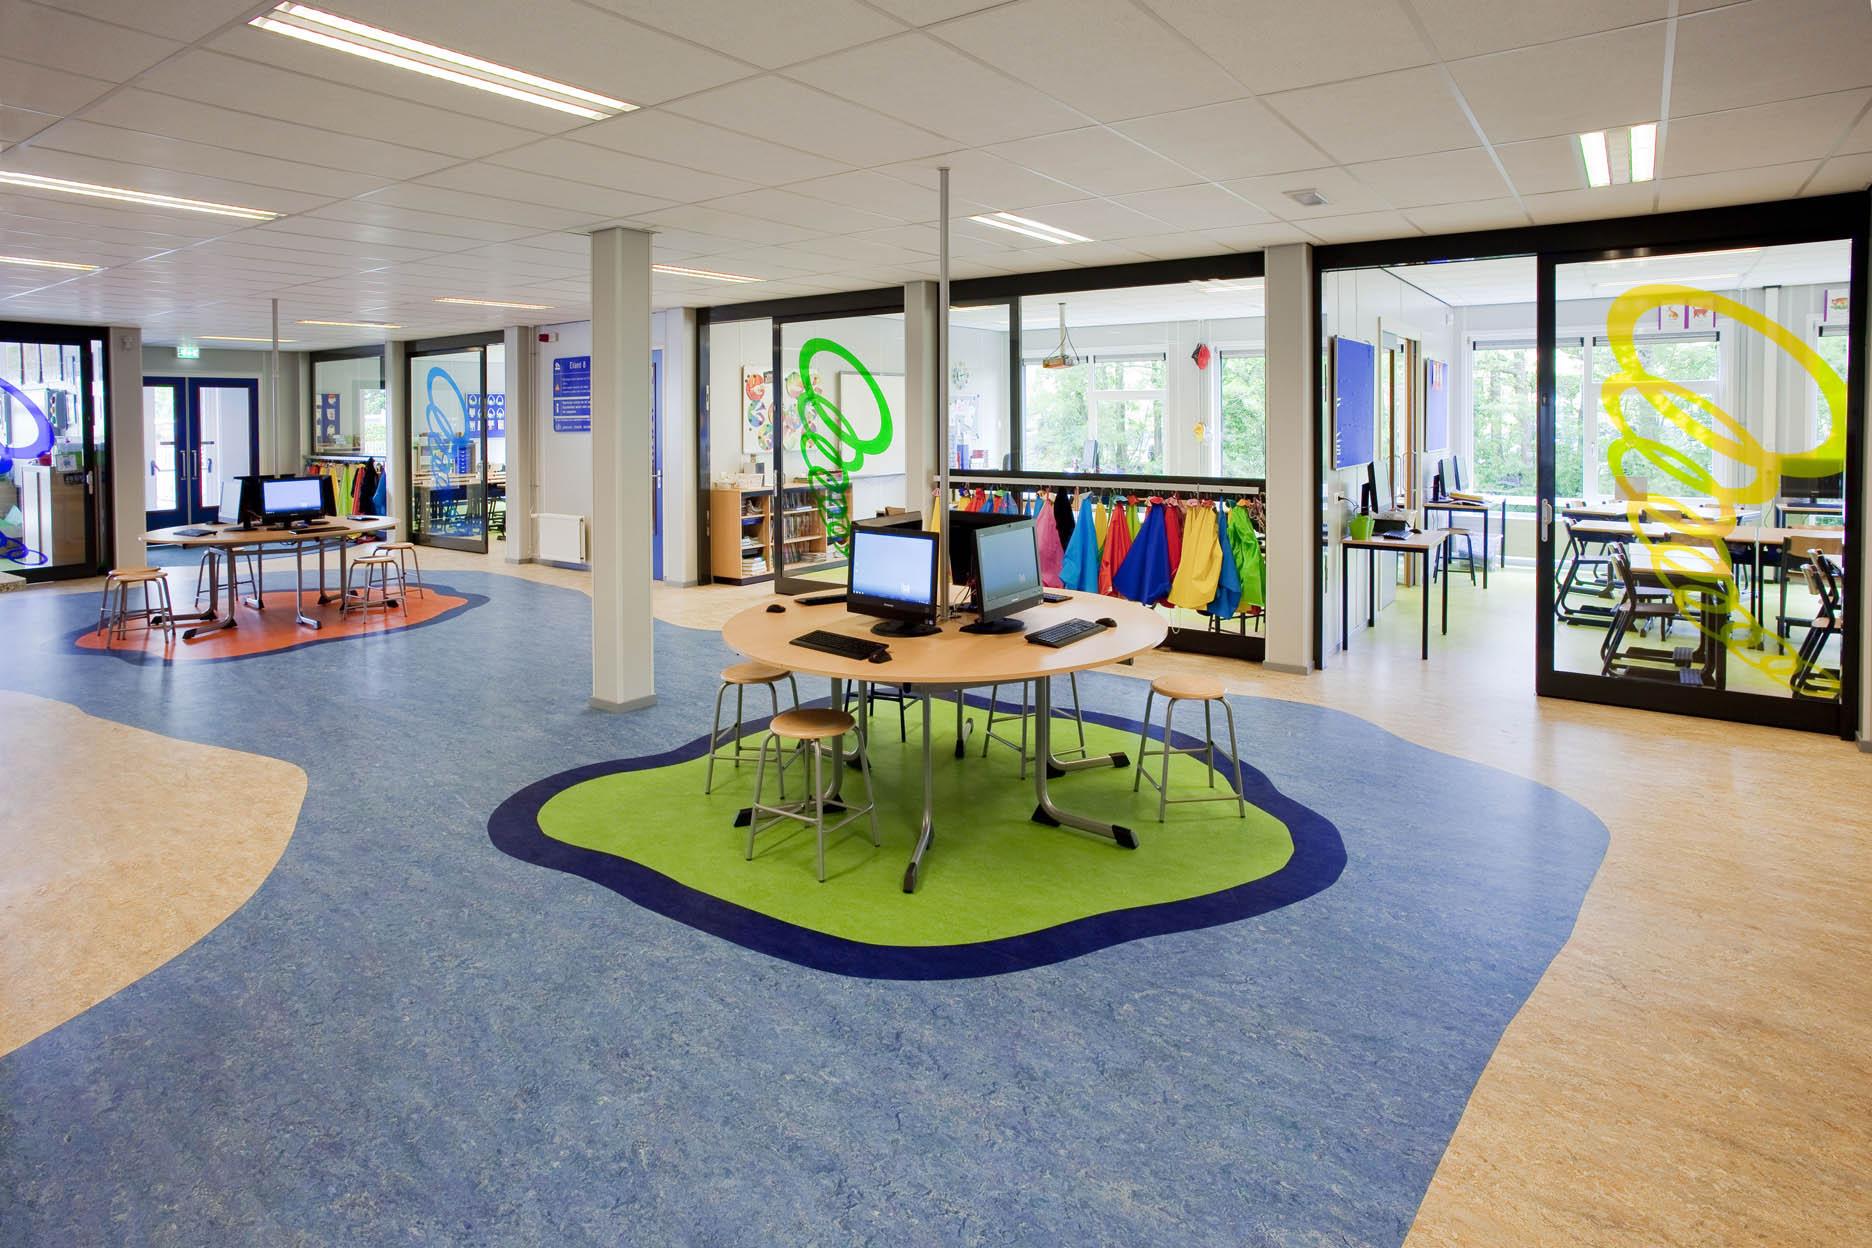 Marmoleum Vloer Reinigen : Schoonmaakbedrijf zine is gespecialiseerd in vloeronderhoud